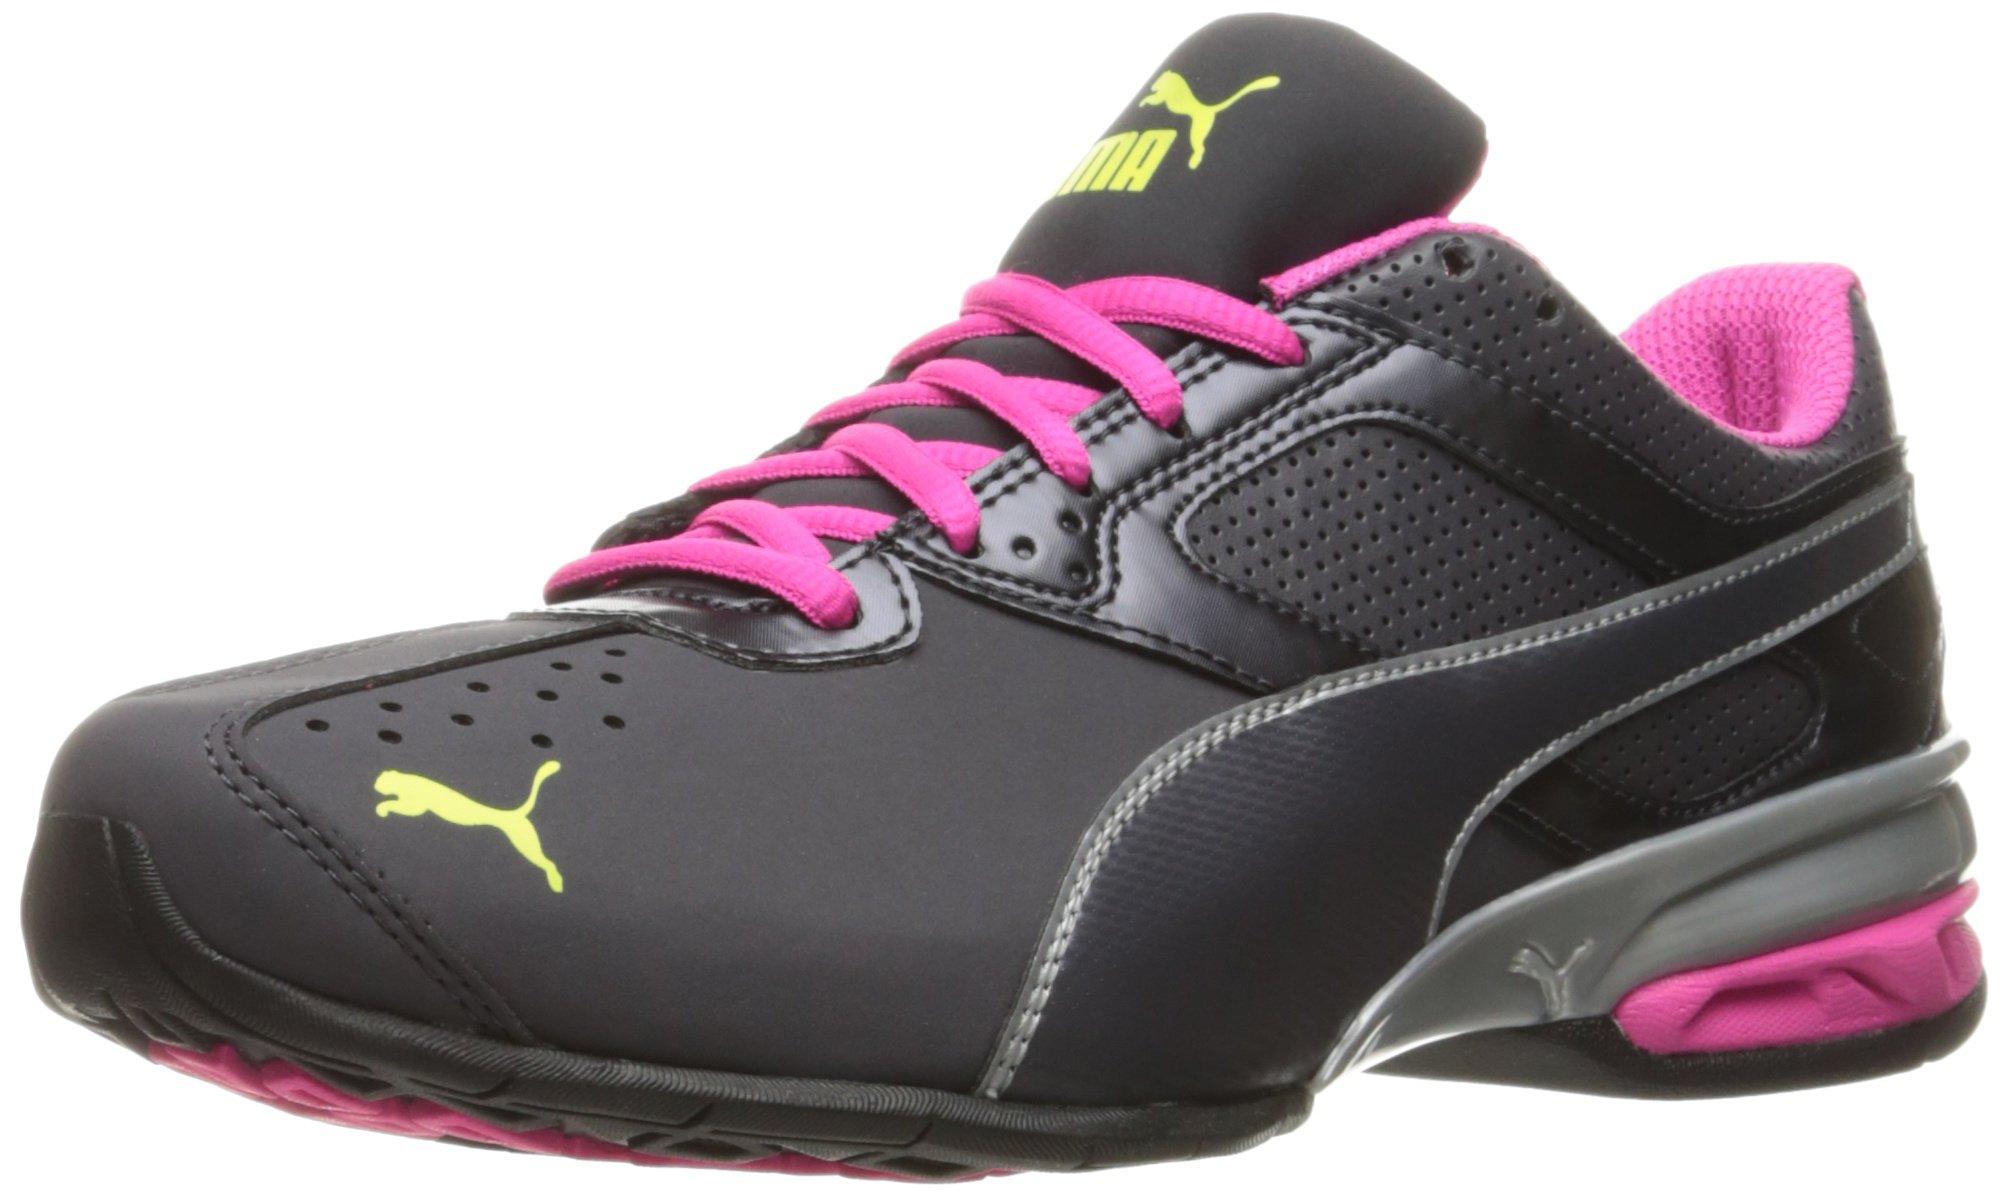 PUMA Women's Tazon 6 WN's fm Sneaker Periscope Silver-Pink glo, 6.5 M US